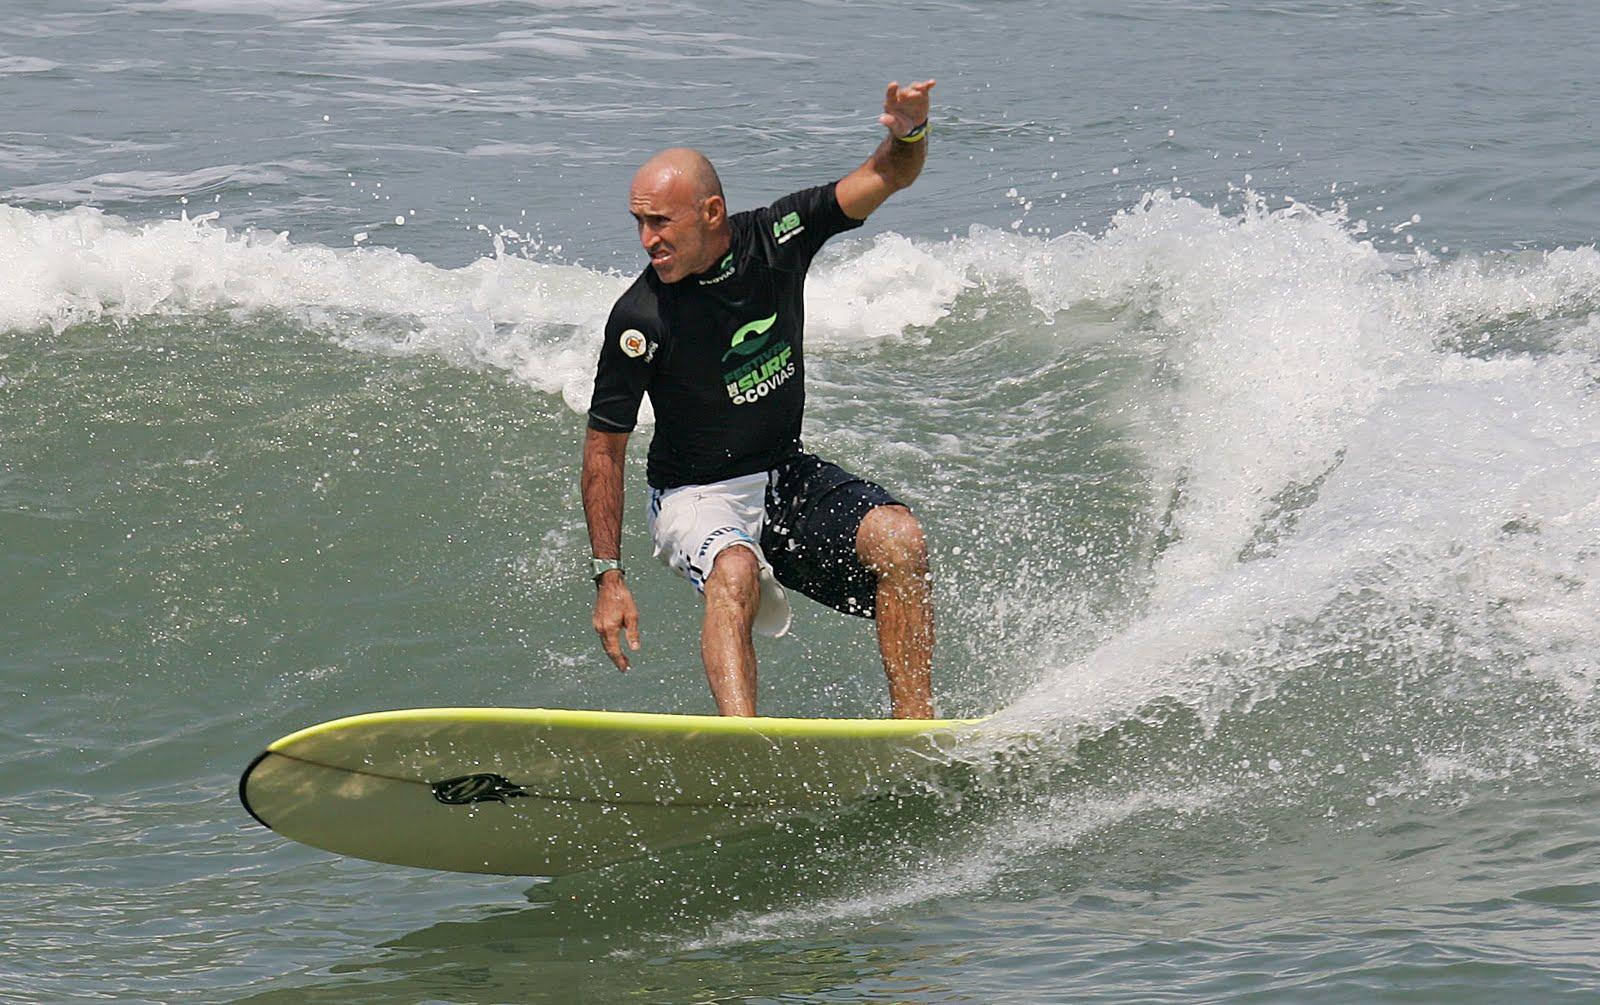 Ele foi o primeiro campeão nacional português de um circuito profissional  de surf / Foto Ilustrativa-Divulgação